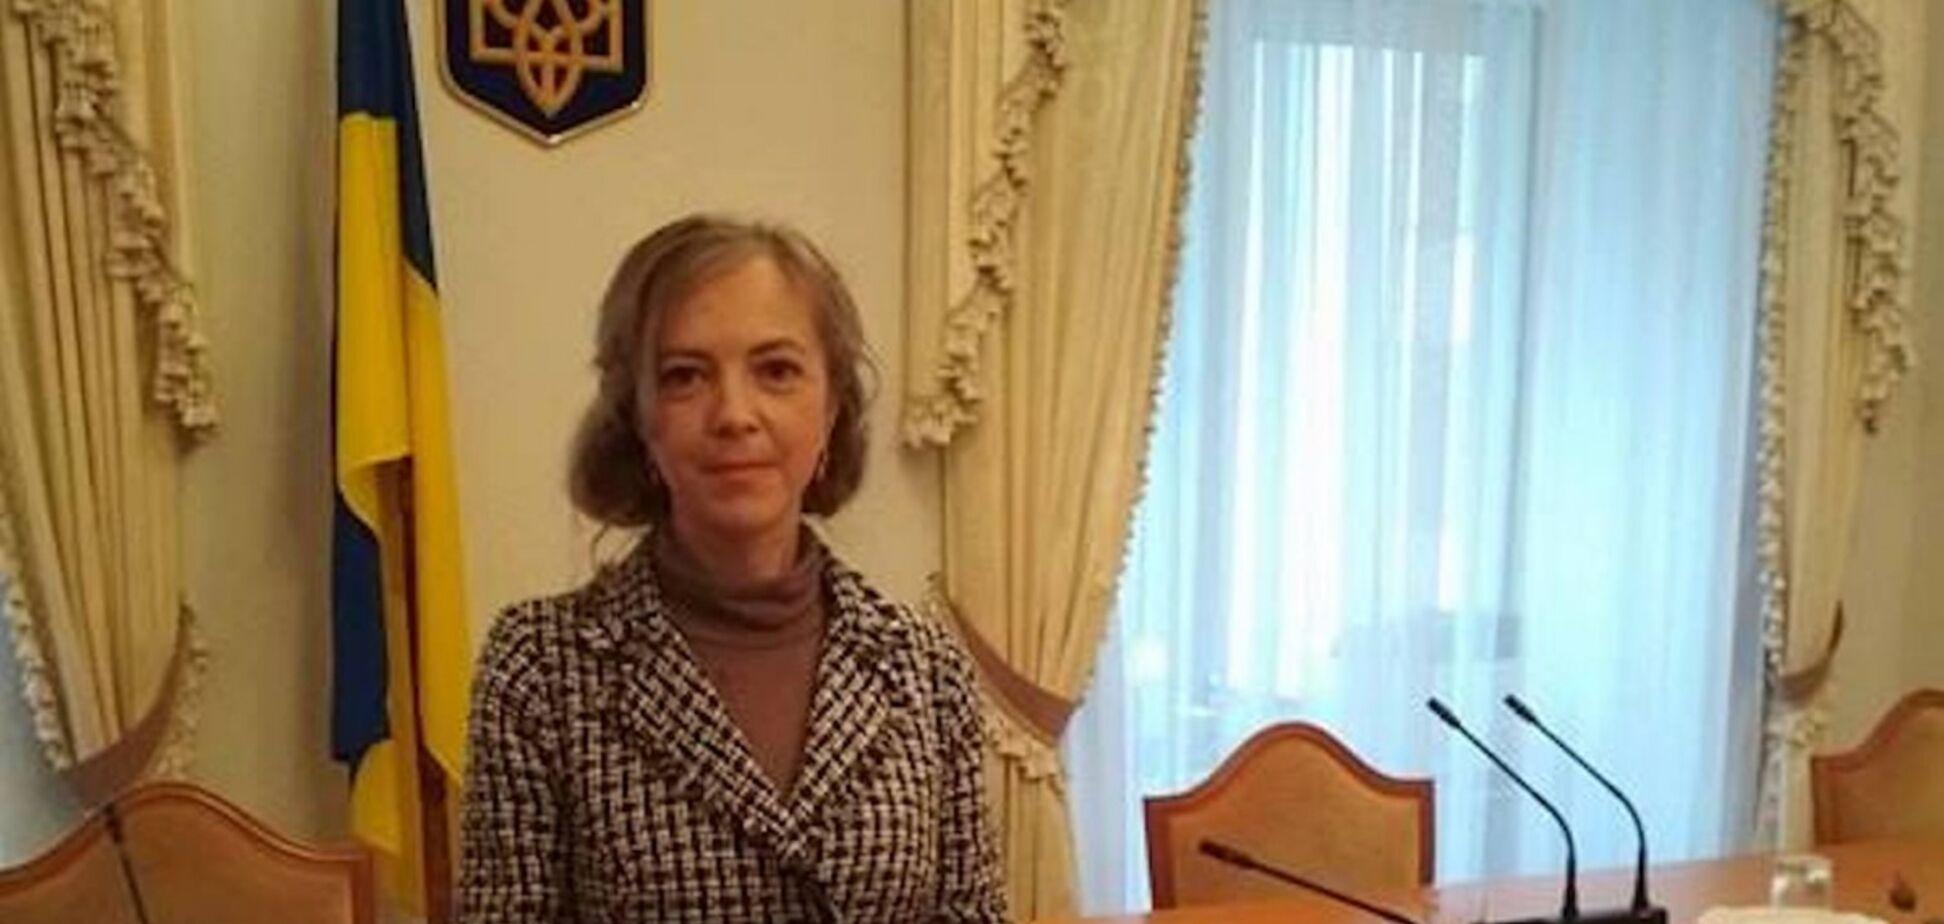 Убийство Ноздровской: появилось важное уточнение о личности подозреваемого